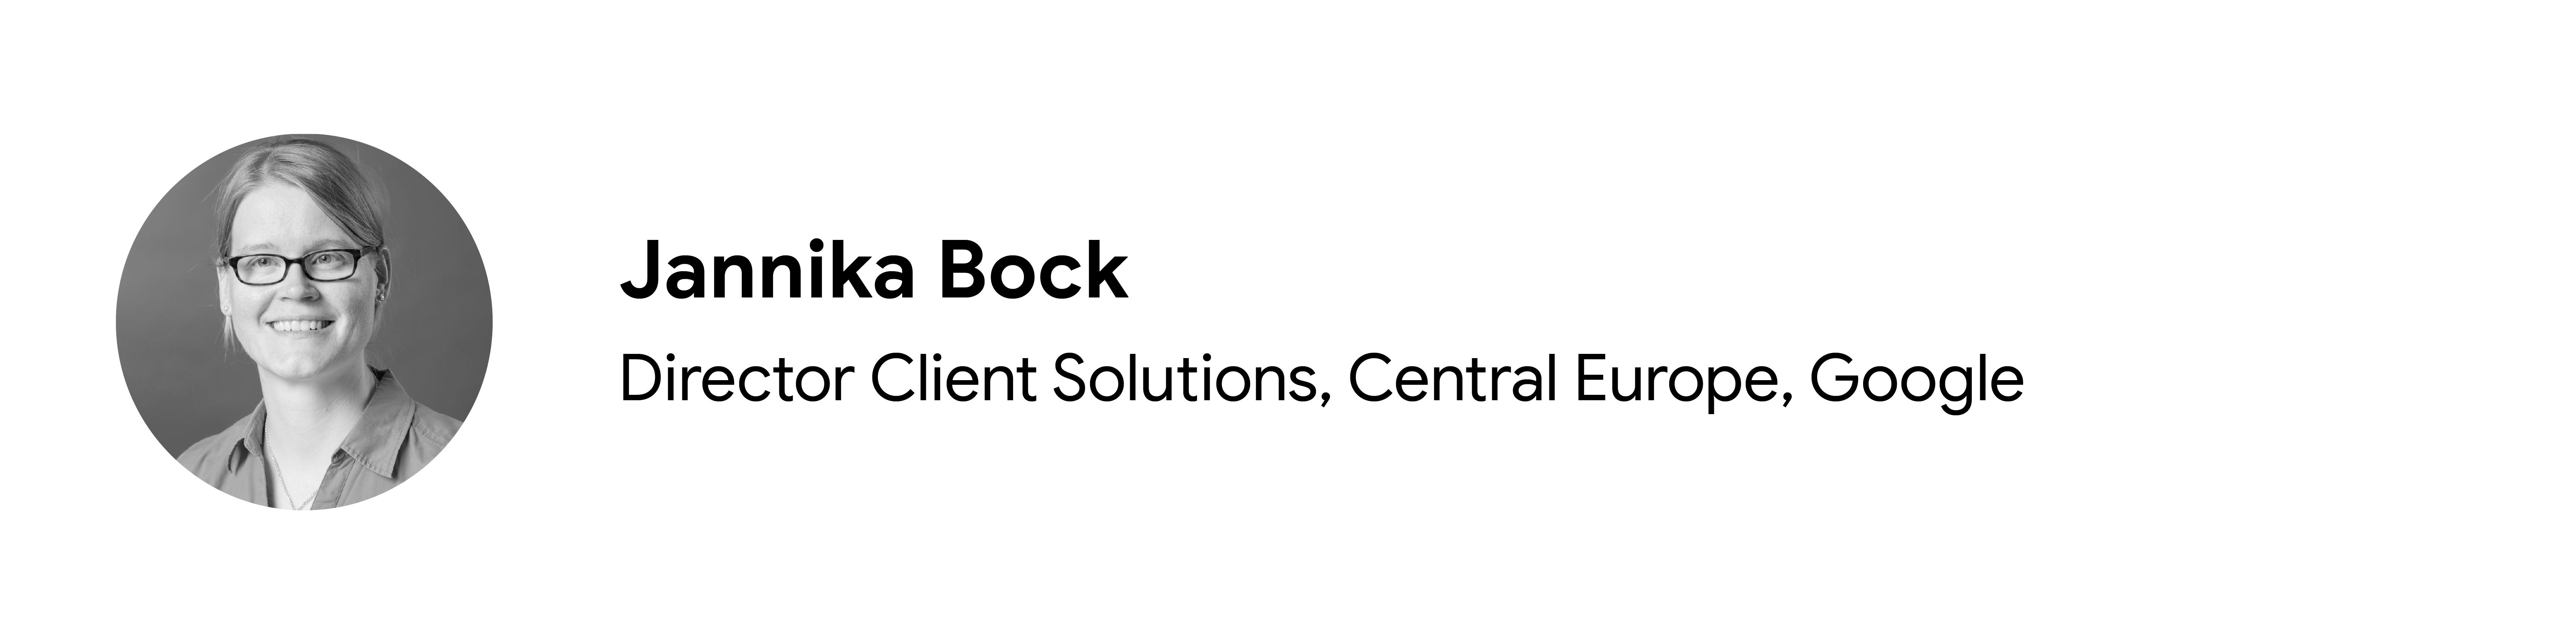 Katkıda bulunan Jannika Bock'un siyah beyaz vesikalık fotoğrafı, Müşteri Çözümleri Direktörü, Orta Avrupa, Google